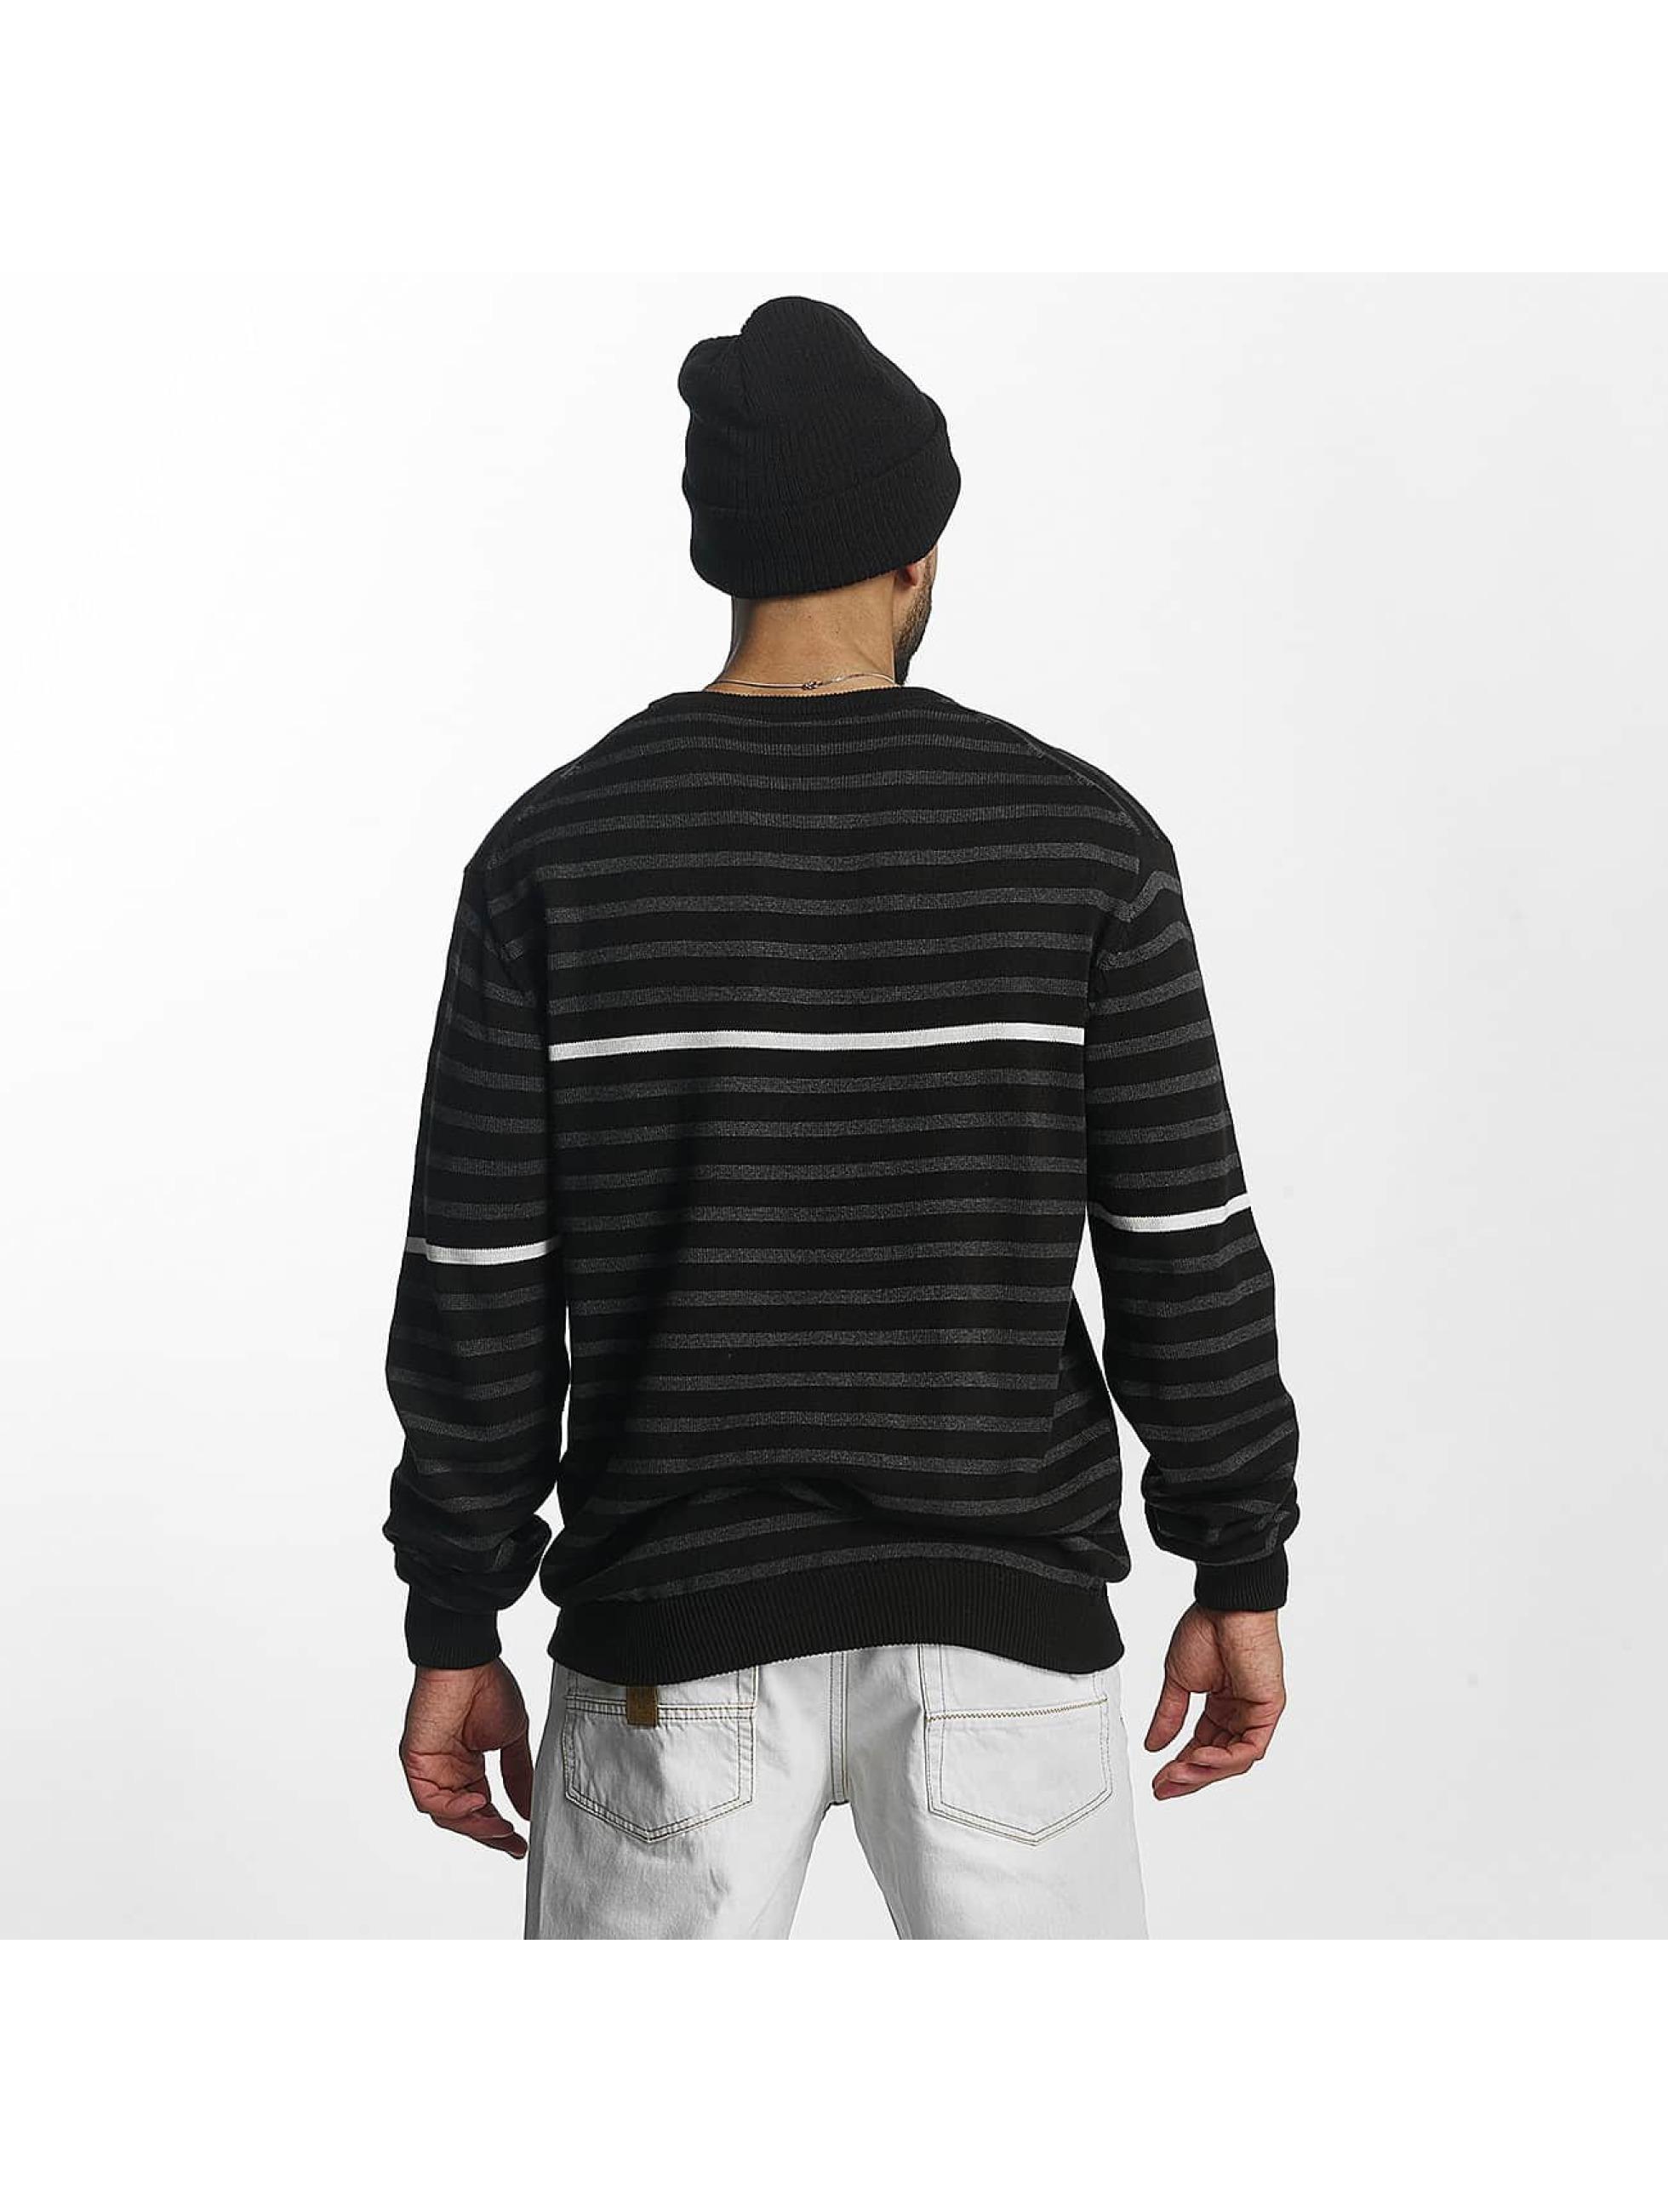 Pelle Pelle T-Shirt manches longues More Core noir